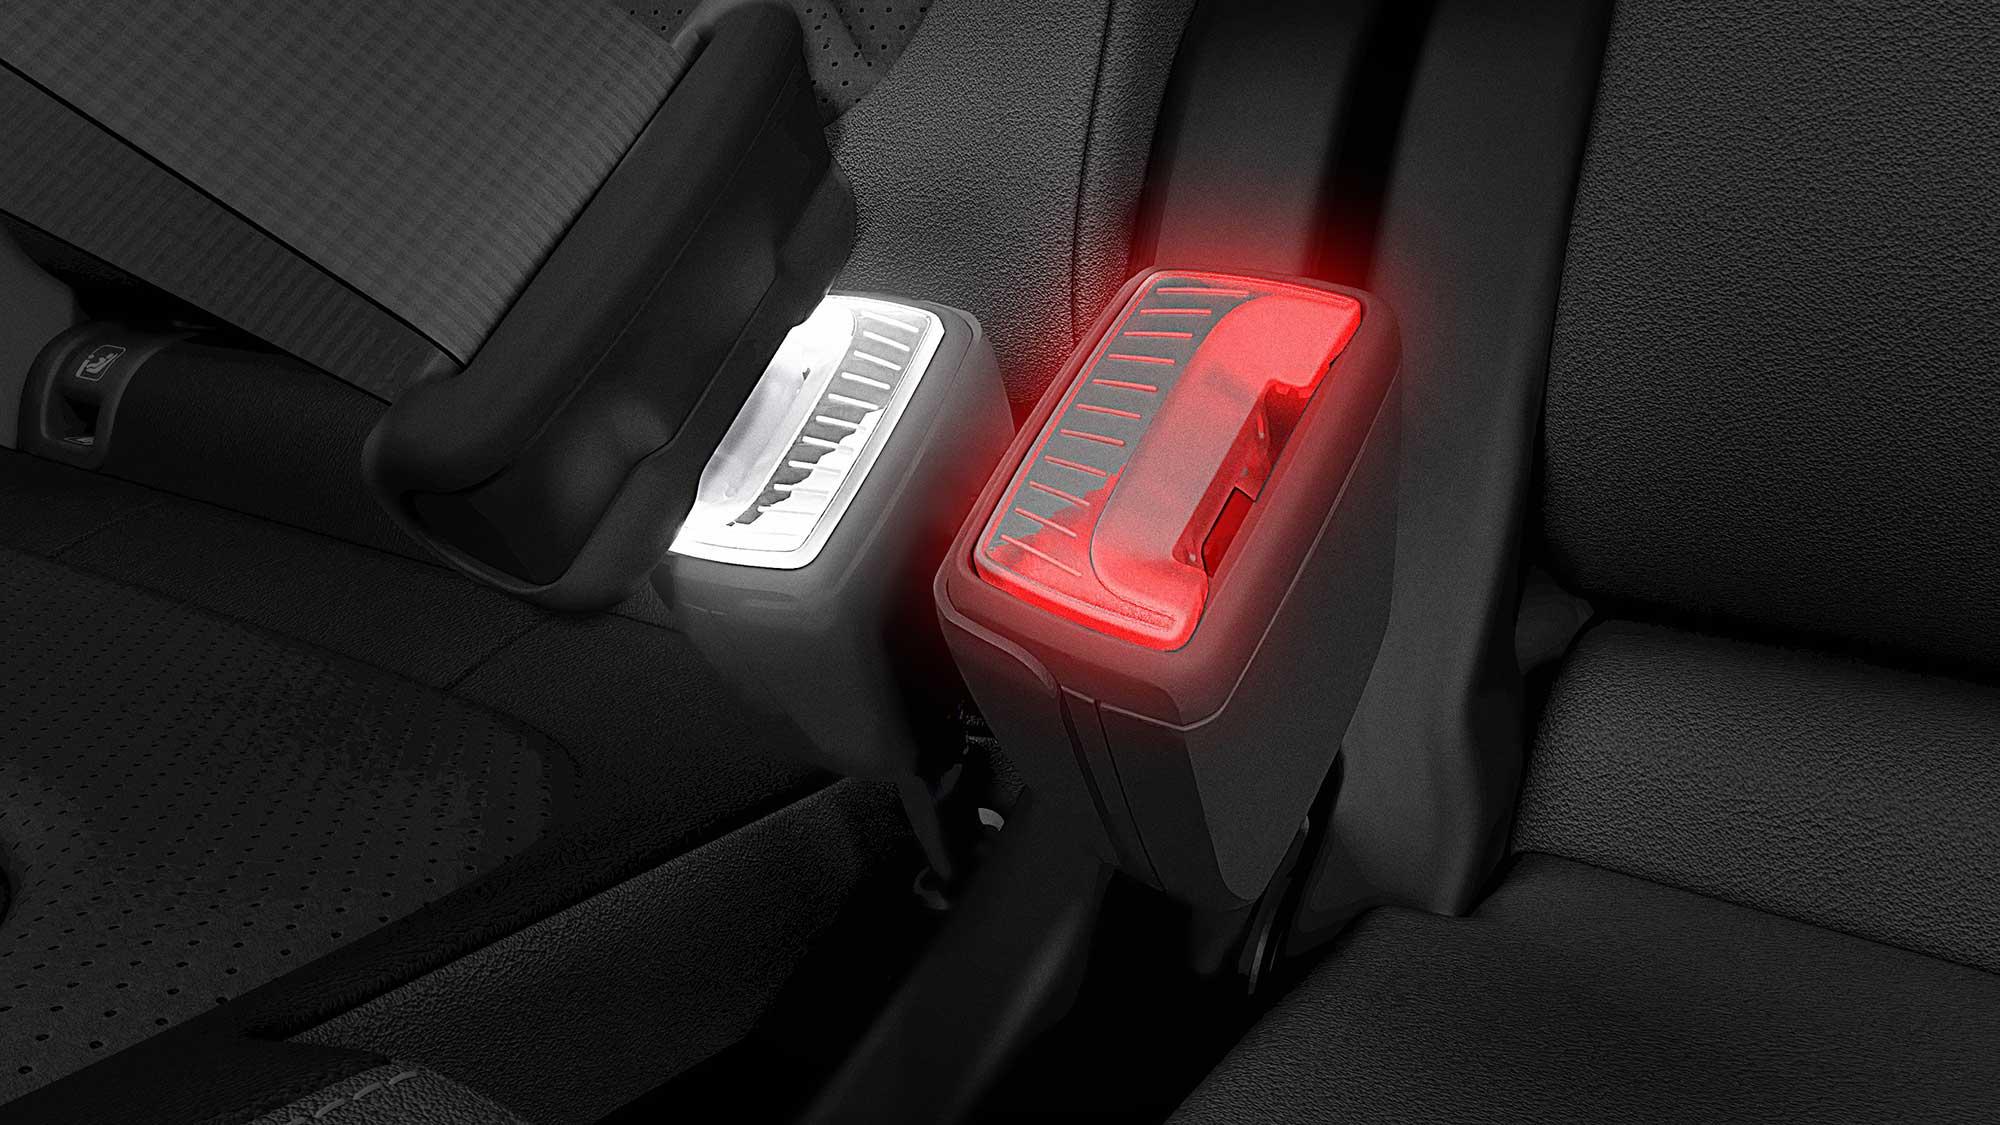 Skoda Illuminated Smart Seat Belt Buckle